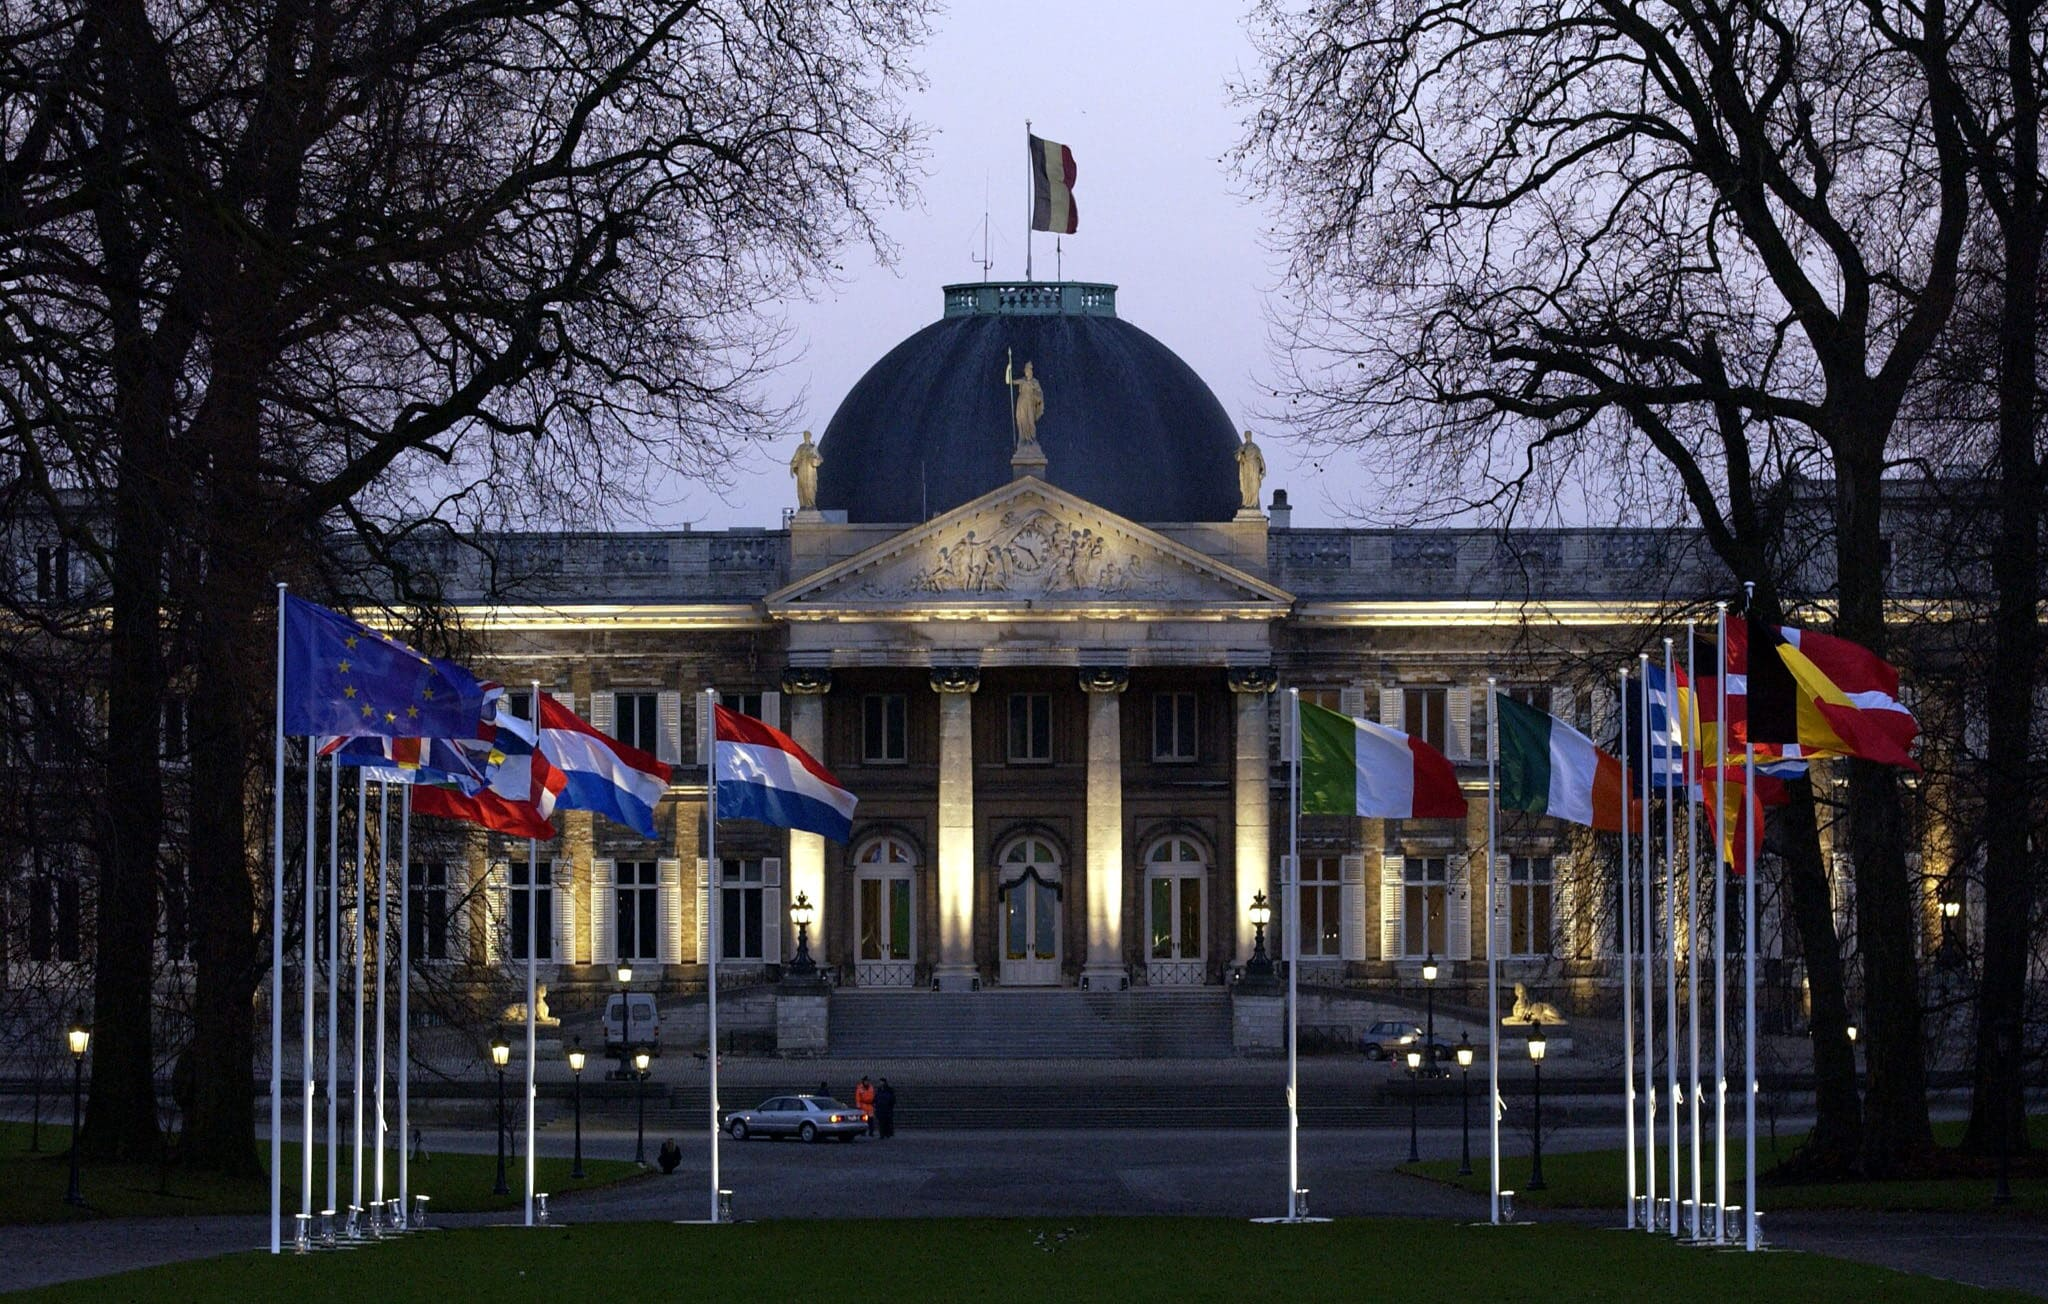 Royal Castle of Laeken